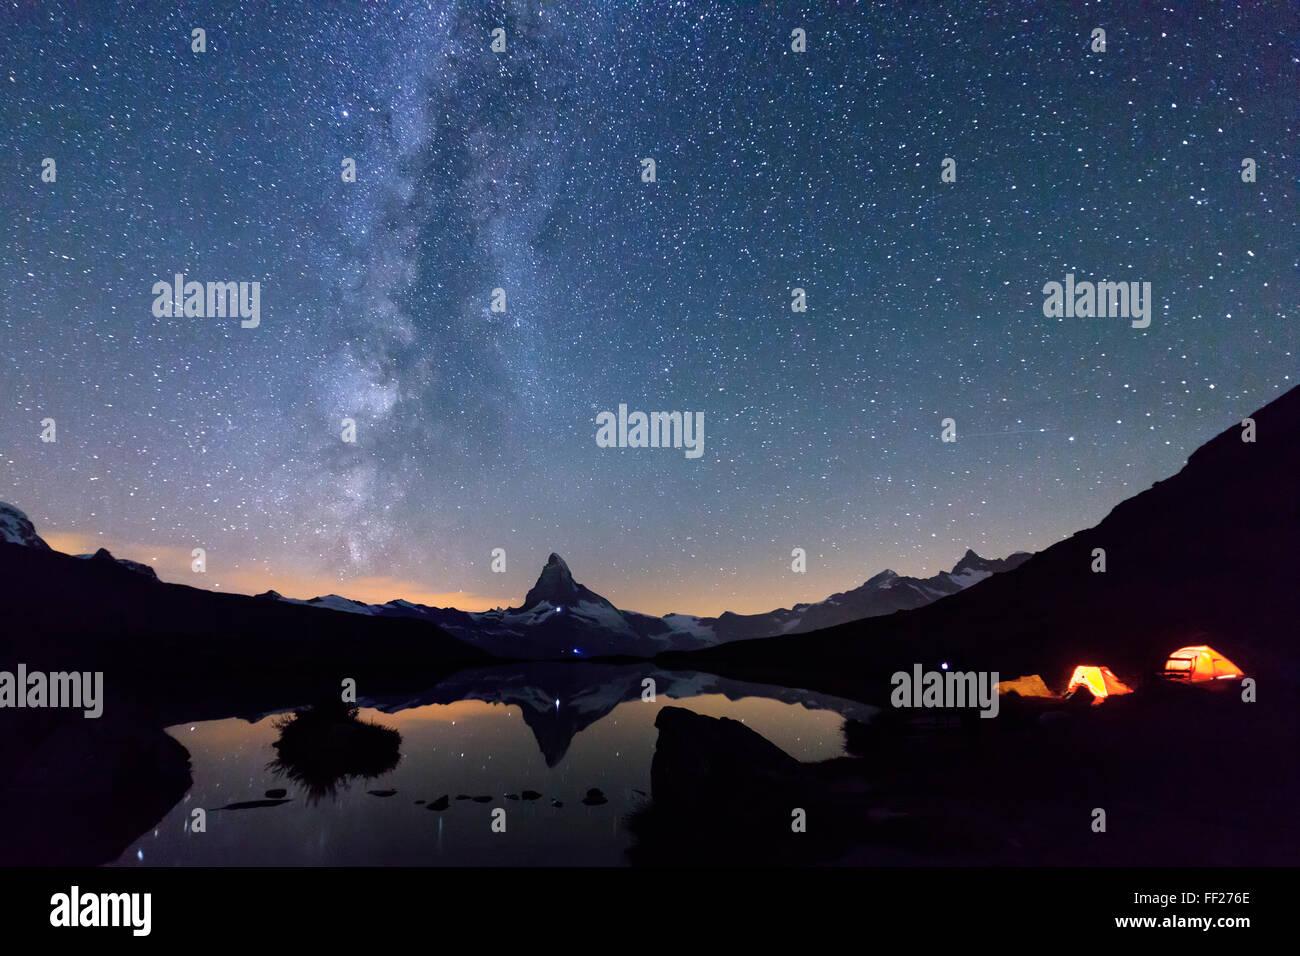 Campeggio sotto le stelle e la Via Lattea con il Cervino riflesso nel lago Stellisee, Zermatt, Vallese, Svizzera Immagini Stock